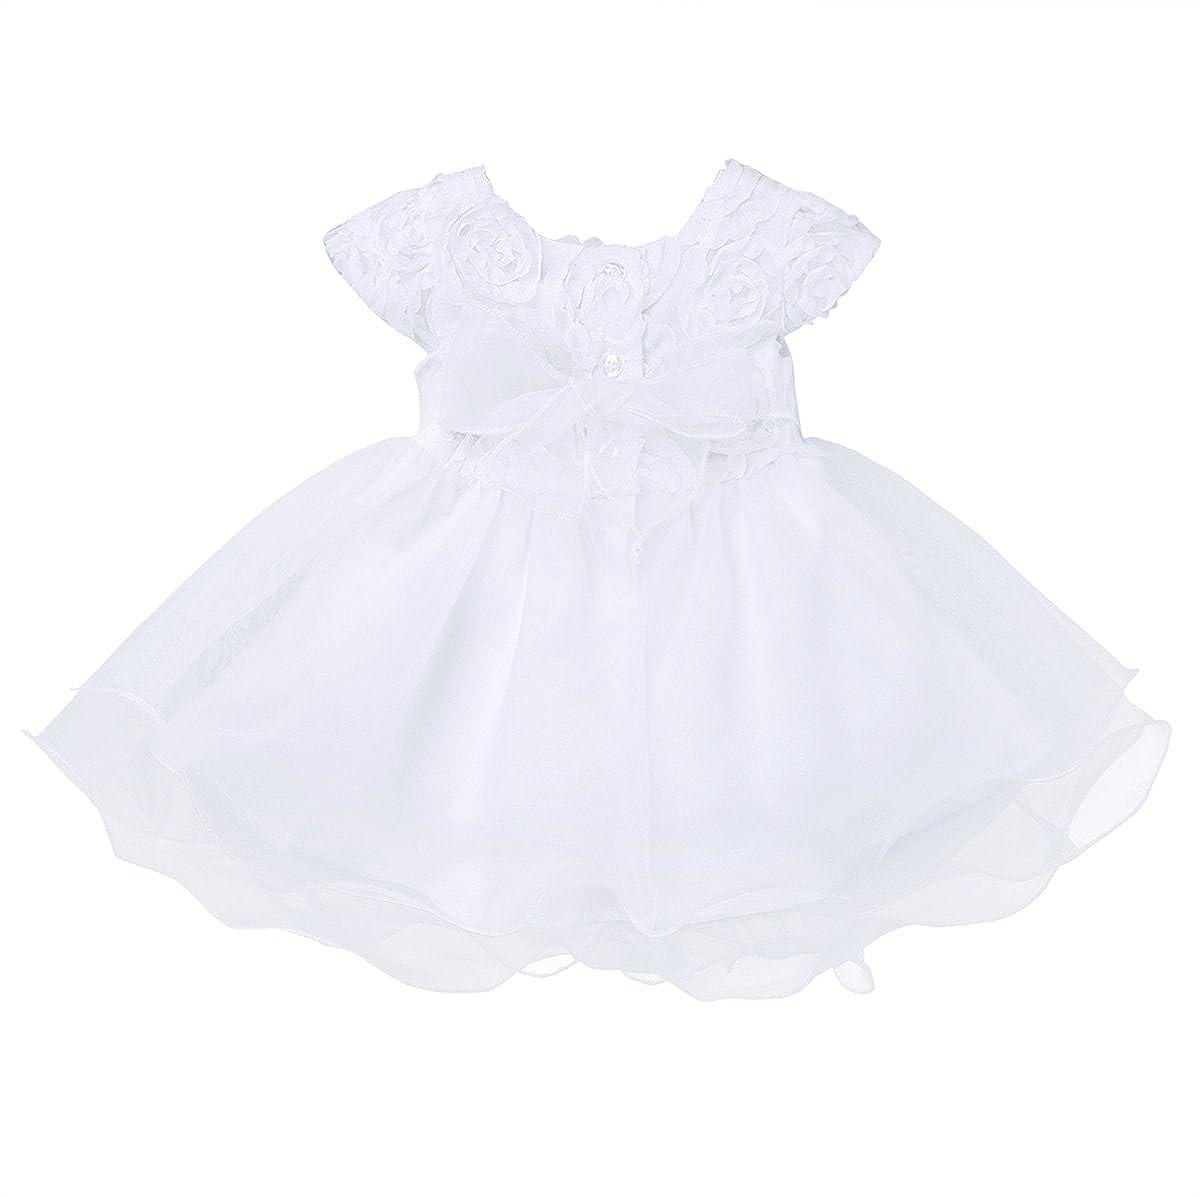 TiaoBug 3 Meses a 24 Meses Vestido de Flor Rosa para Recién Nacidas de Cumpleaños Boda Bautizo Gala Vestido con Tutú Verano Infántil Pricesa Niñas